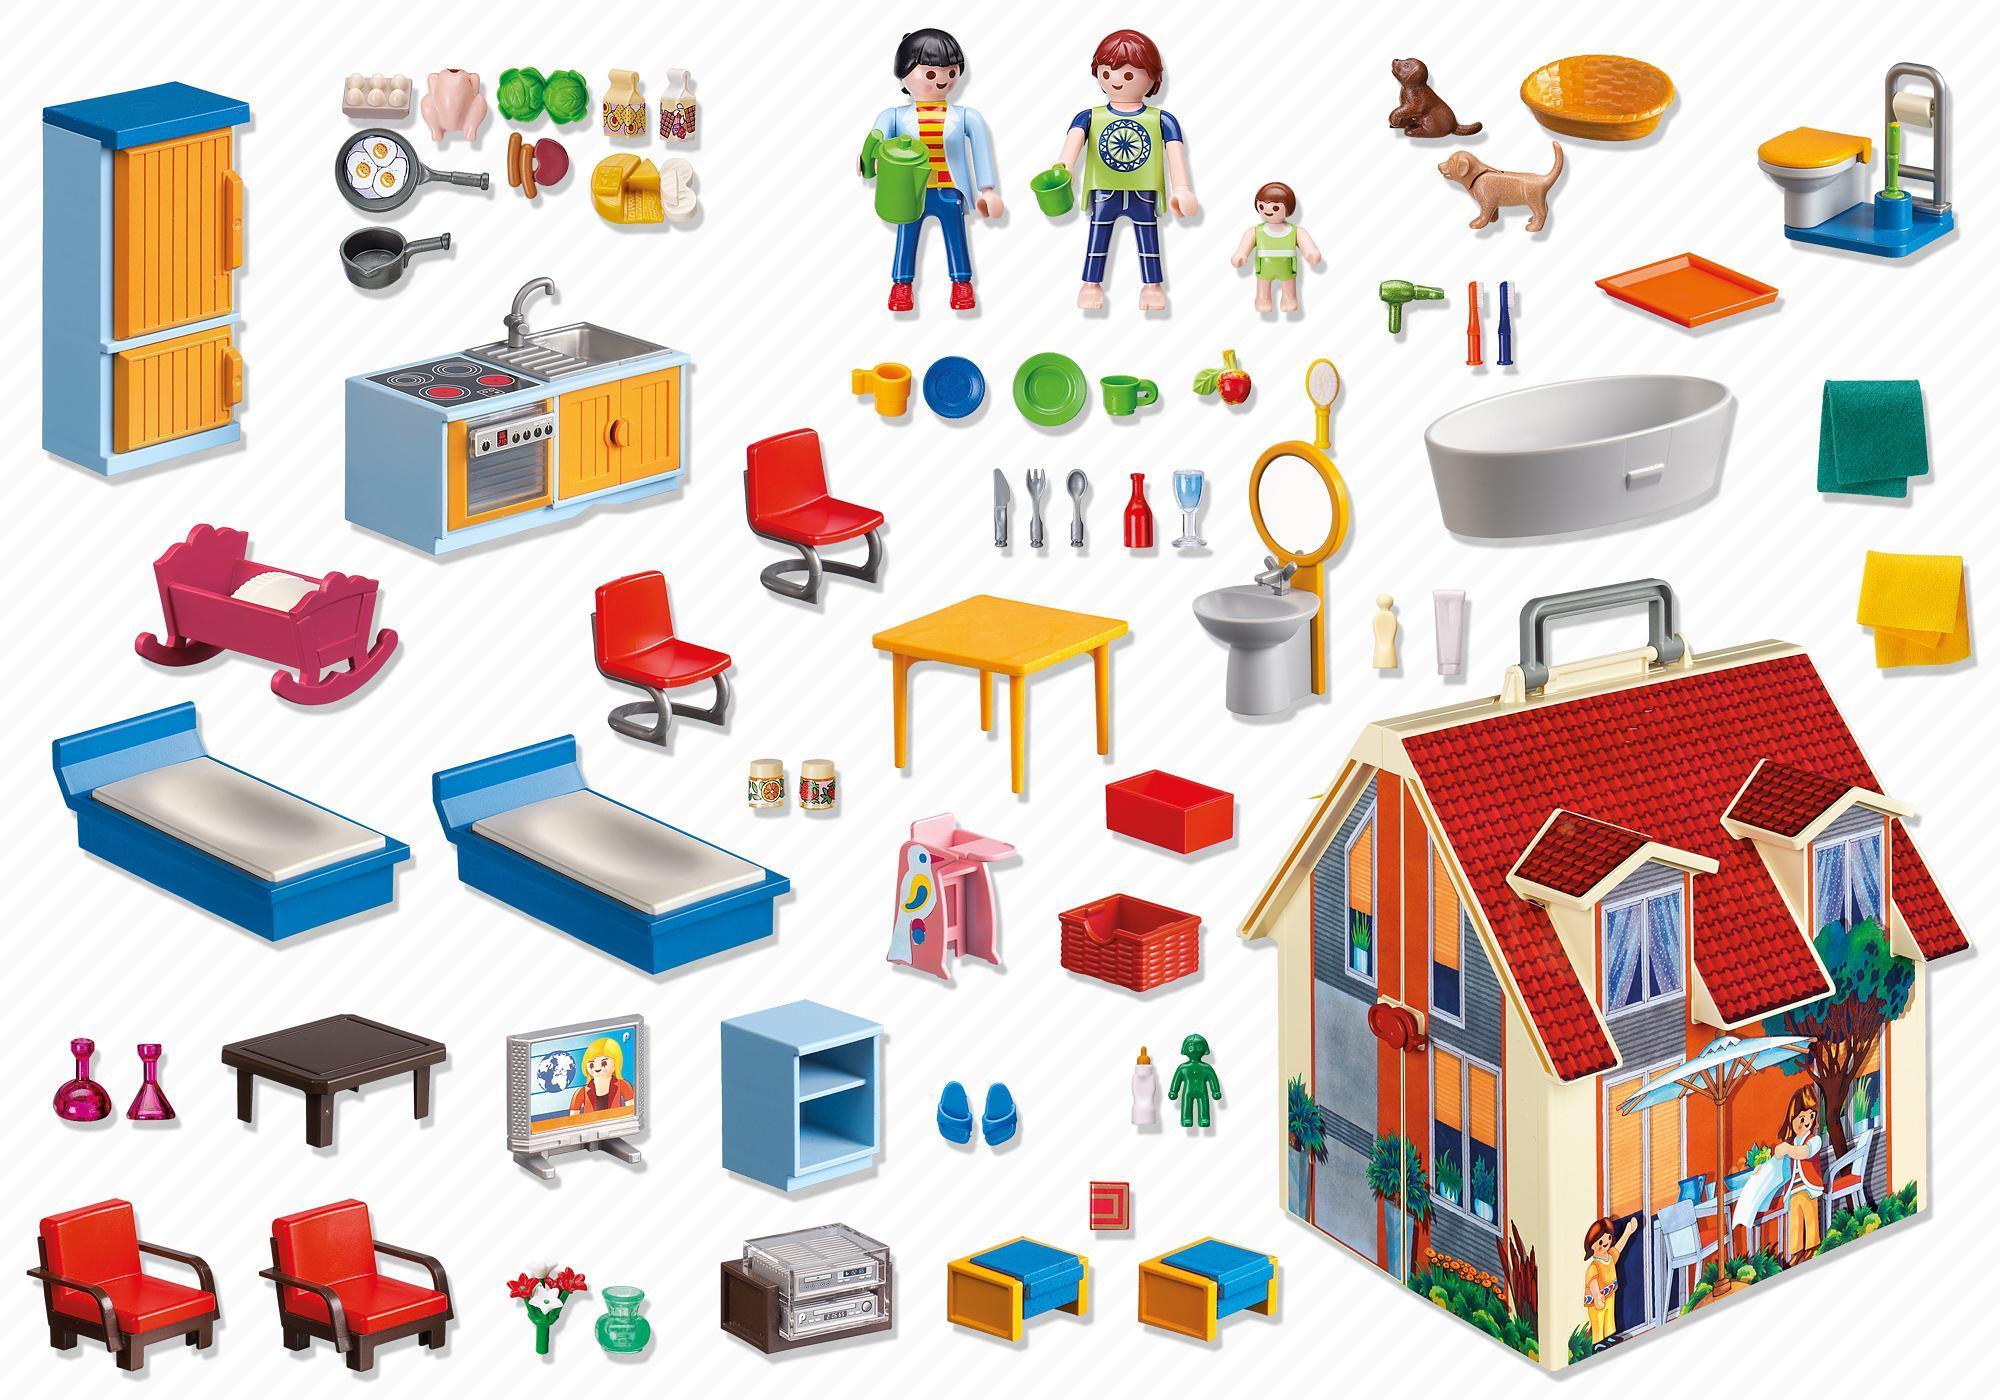 neues mitnehm-puppenhaus - 5167 - playmobil® schweiz, Wohnzimmer dekoo